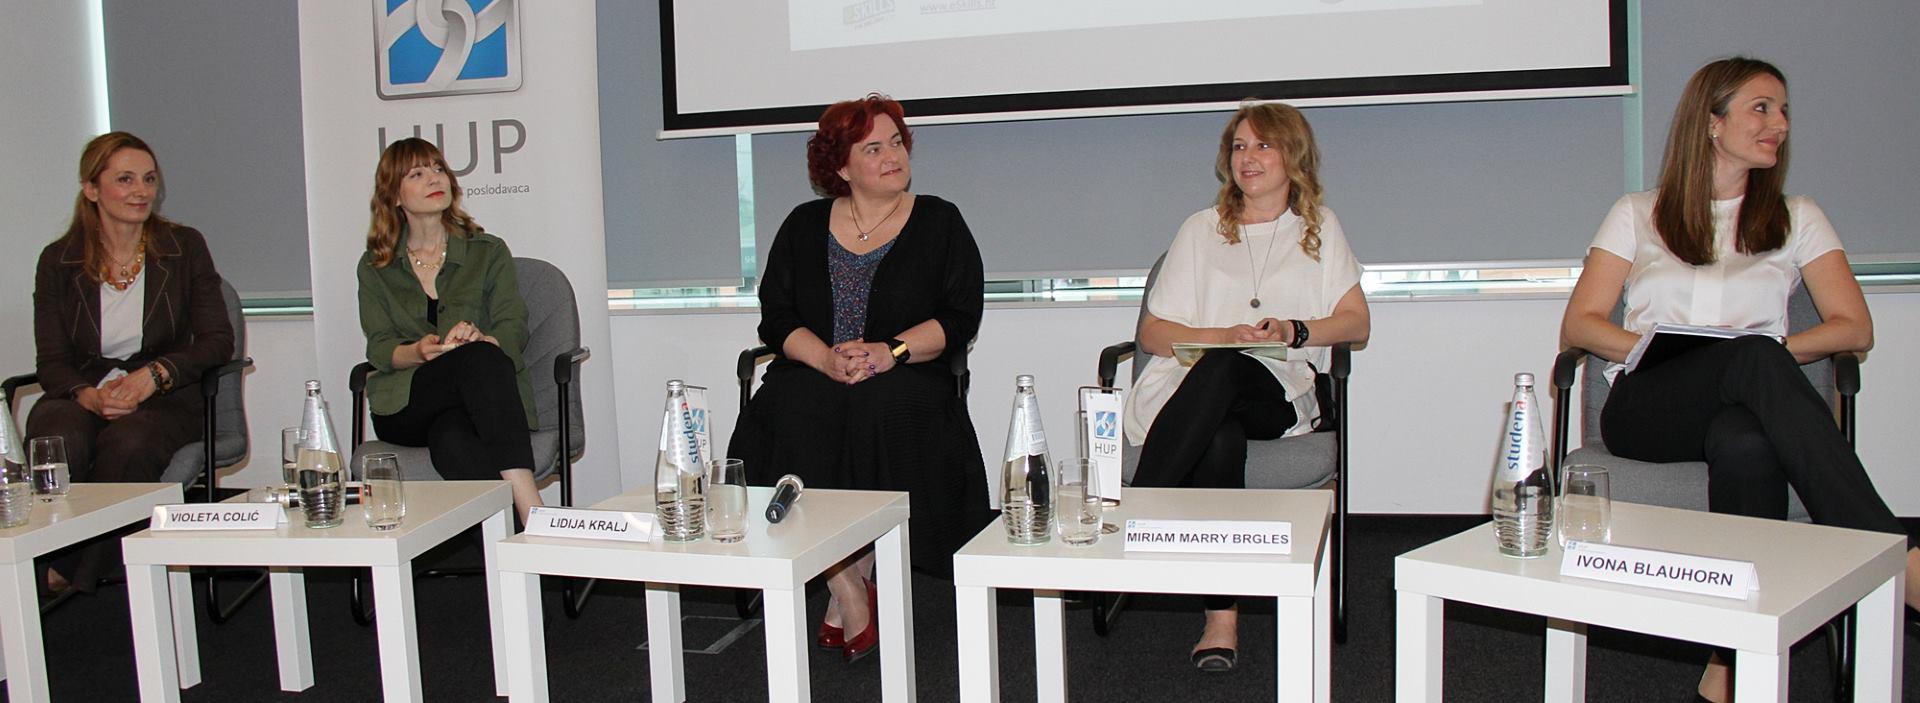 Održana konferencija 'Žene u digitalnoj i kreativnoj industrji'